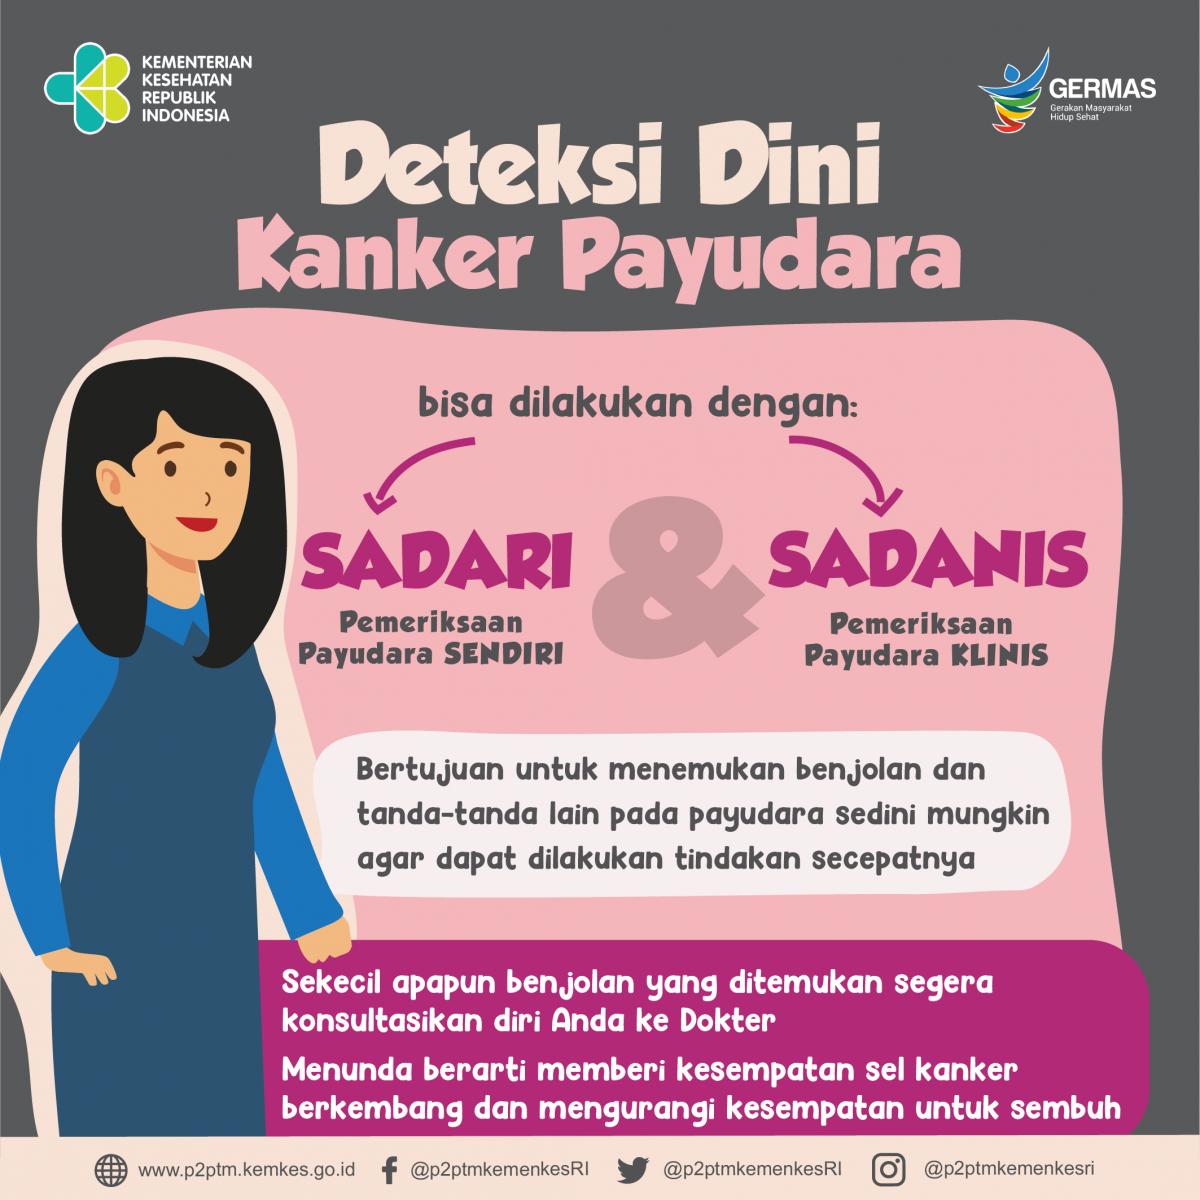 Bagaimana mendeteksi dini Kanker Payudara? - Direktorat P2PTM